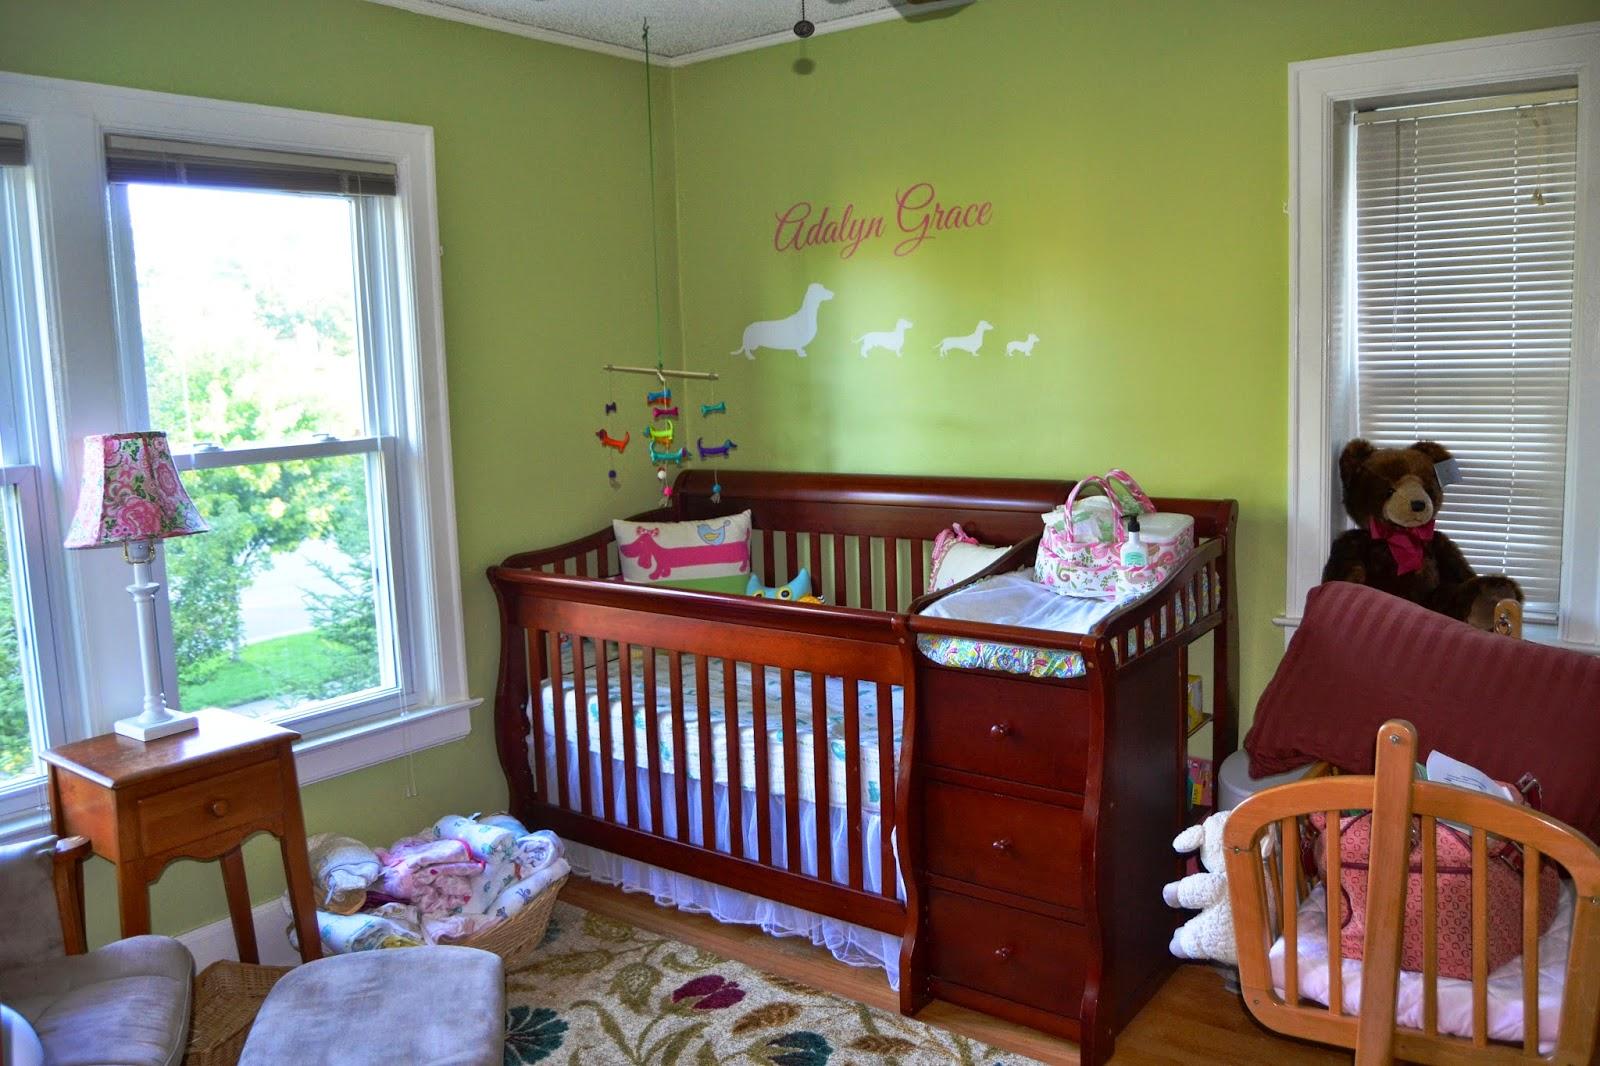 Dachshund nursery